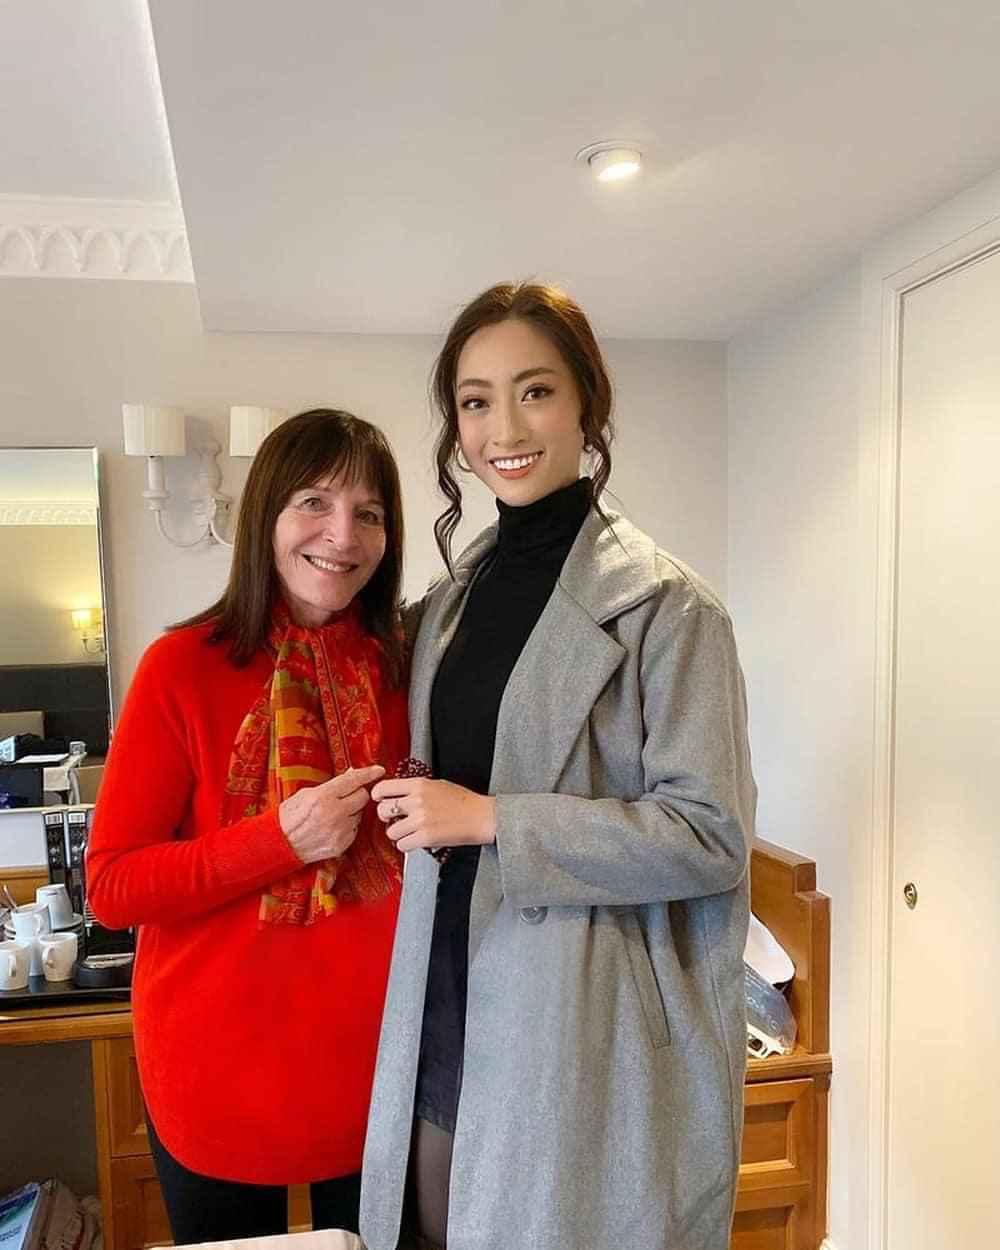 Chủ tịch Hoa hậu Thế giới Julia Morley dương tính với Covid-19 - Ảnh 2